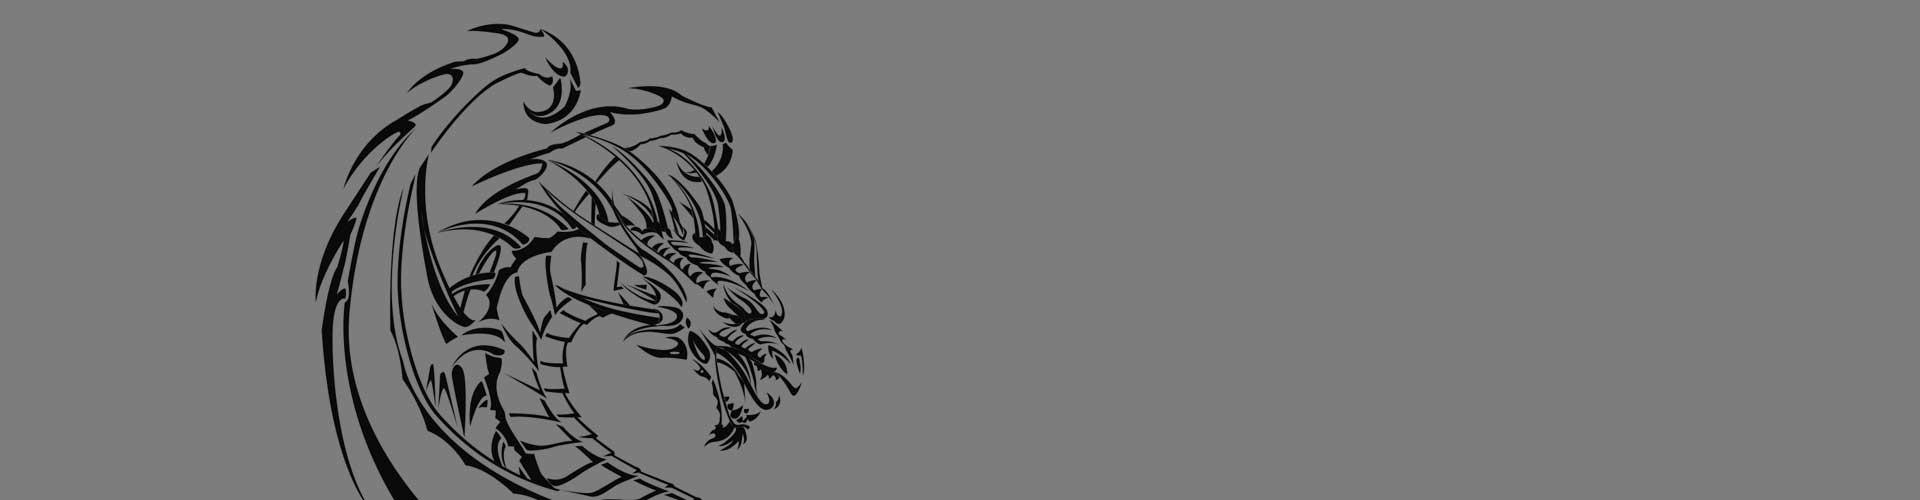 1920x500-tattoo-dragon